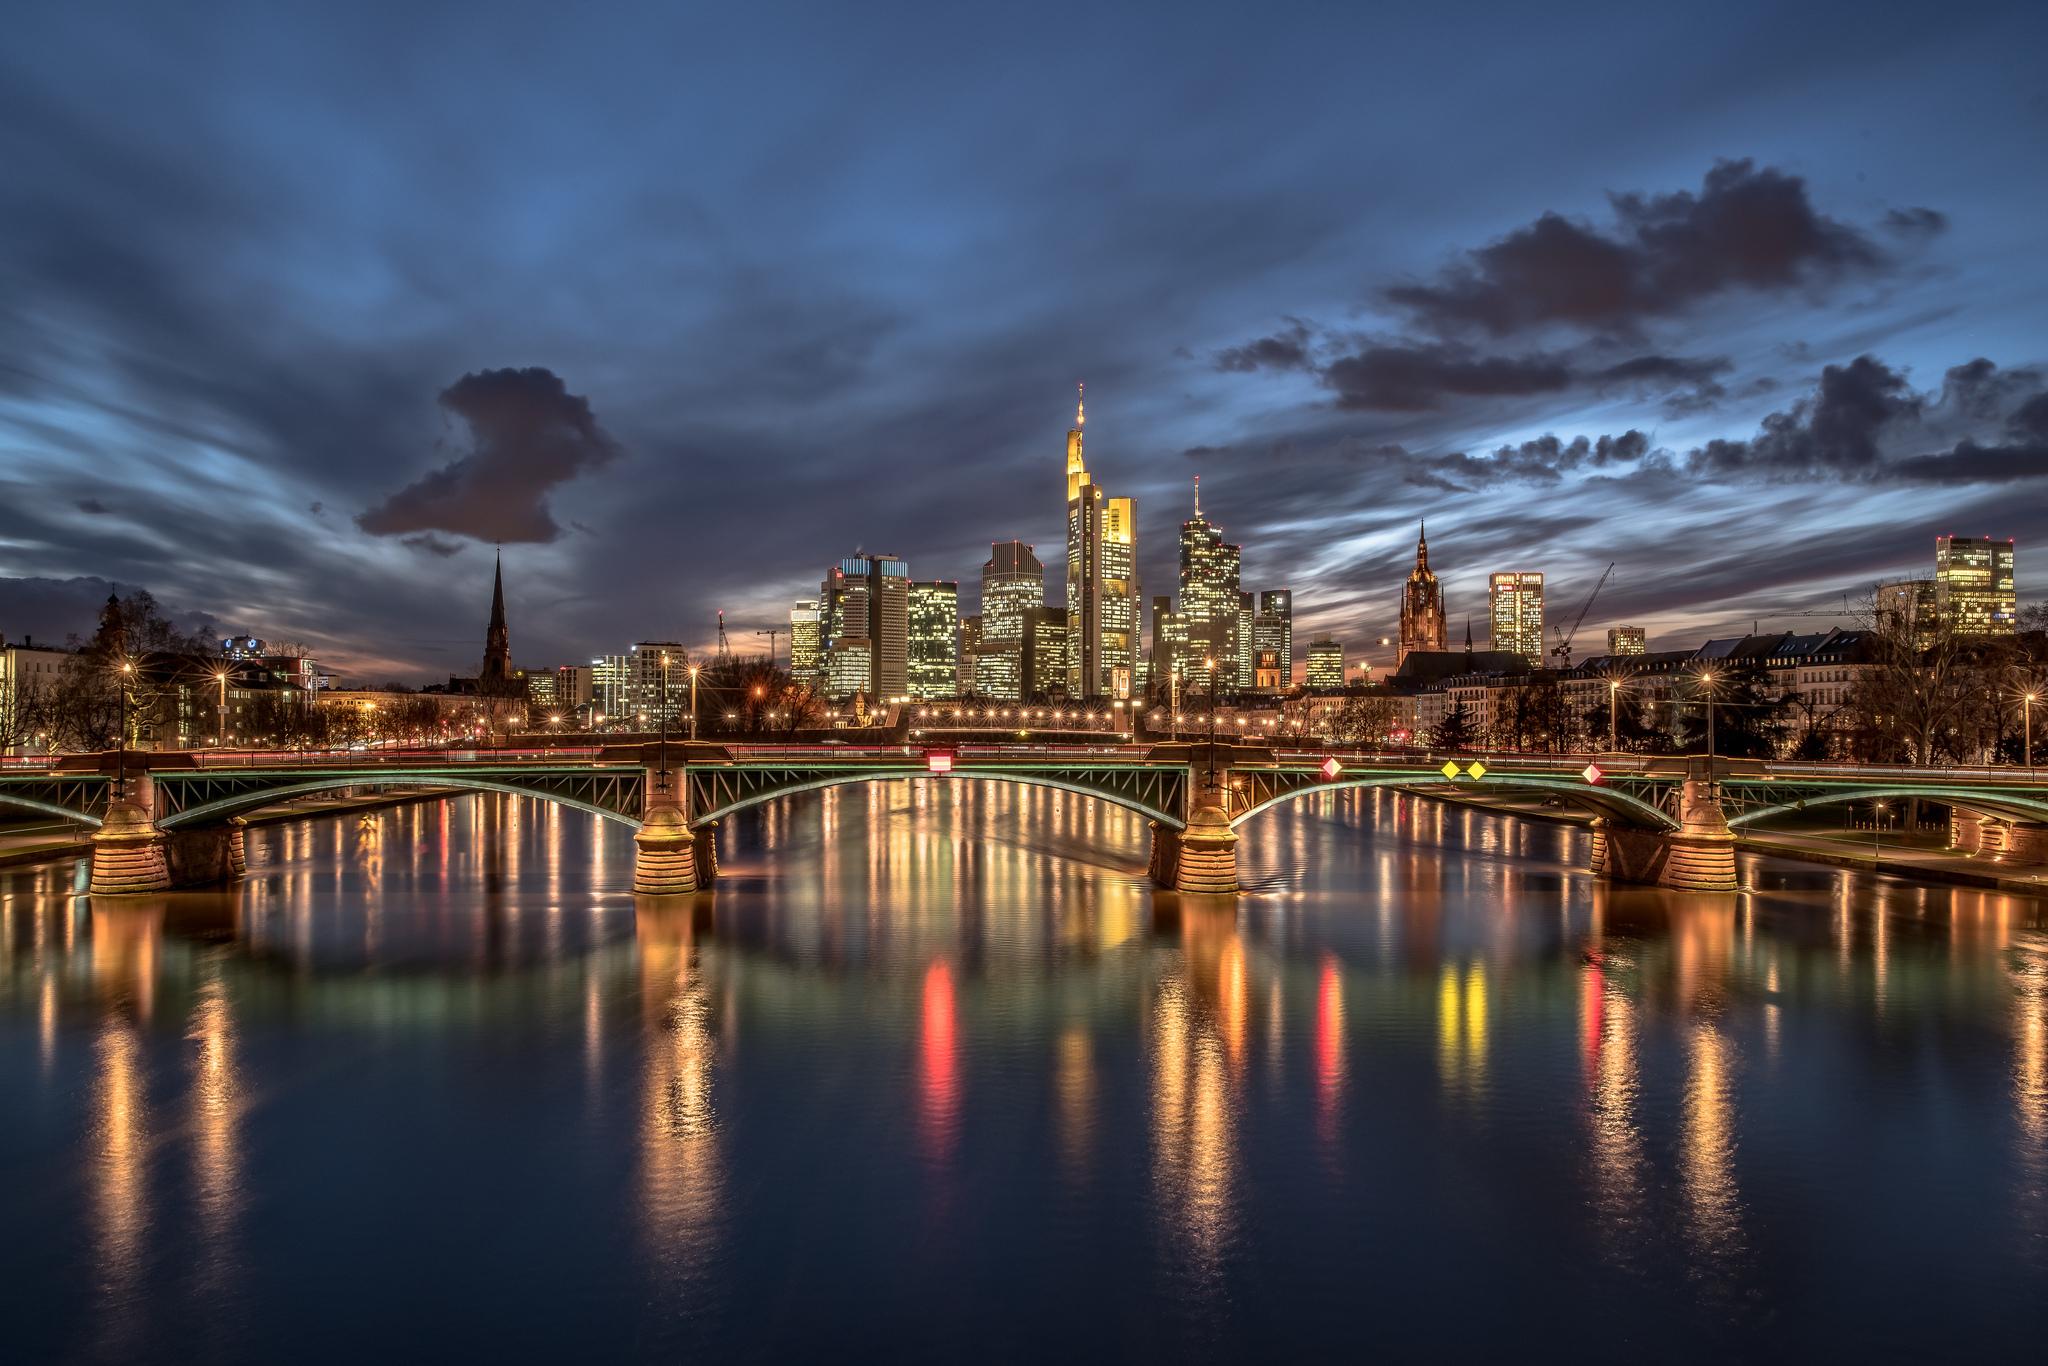 красивые фото франкфурта его появления студенты